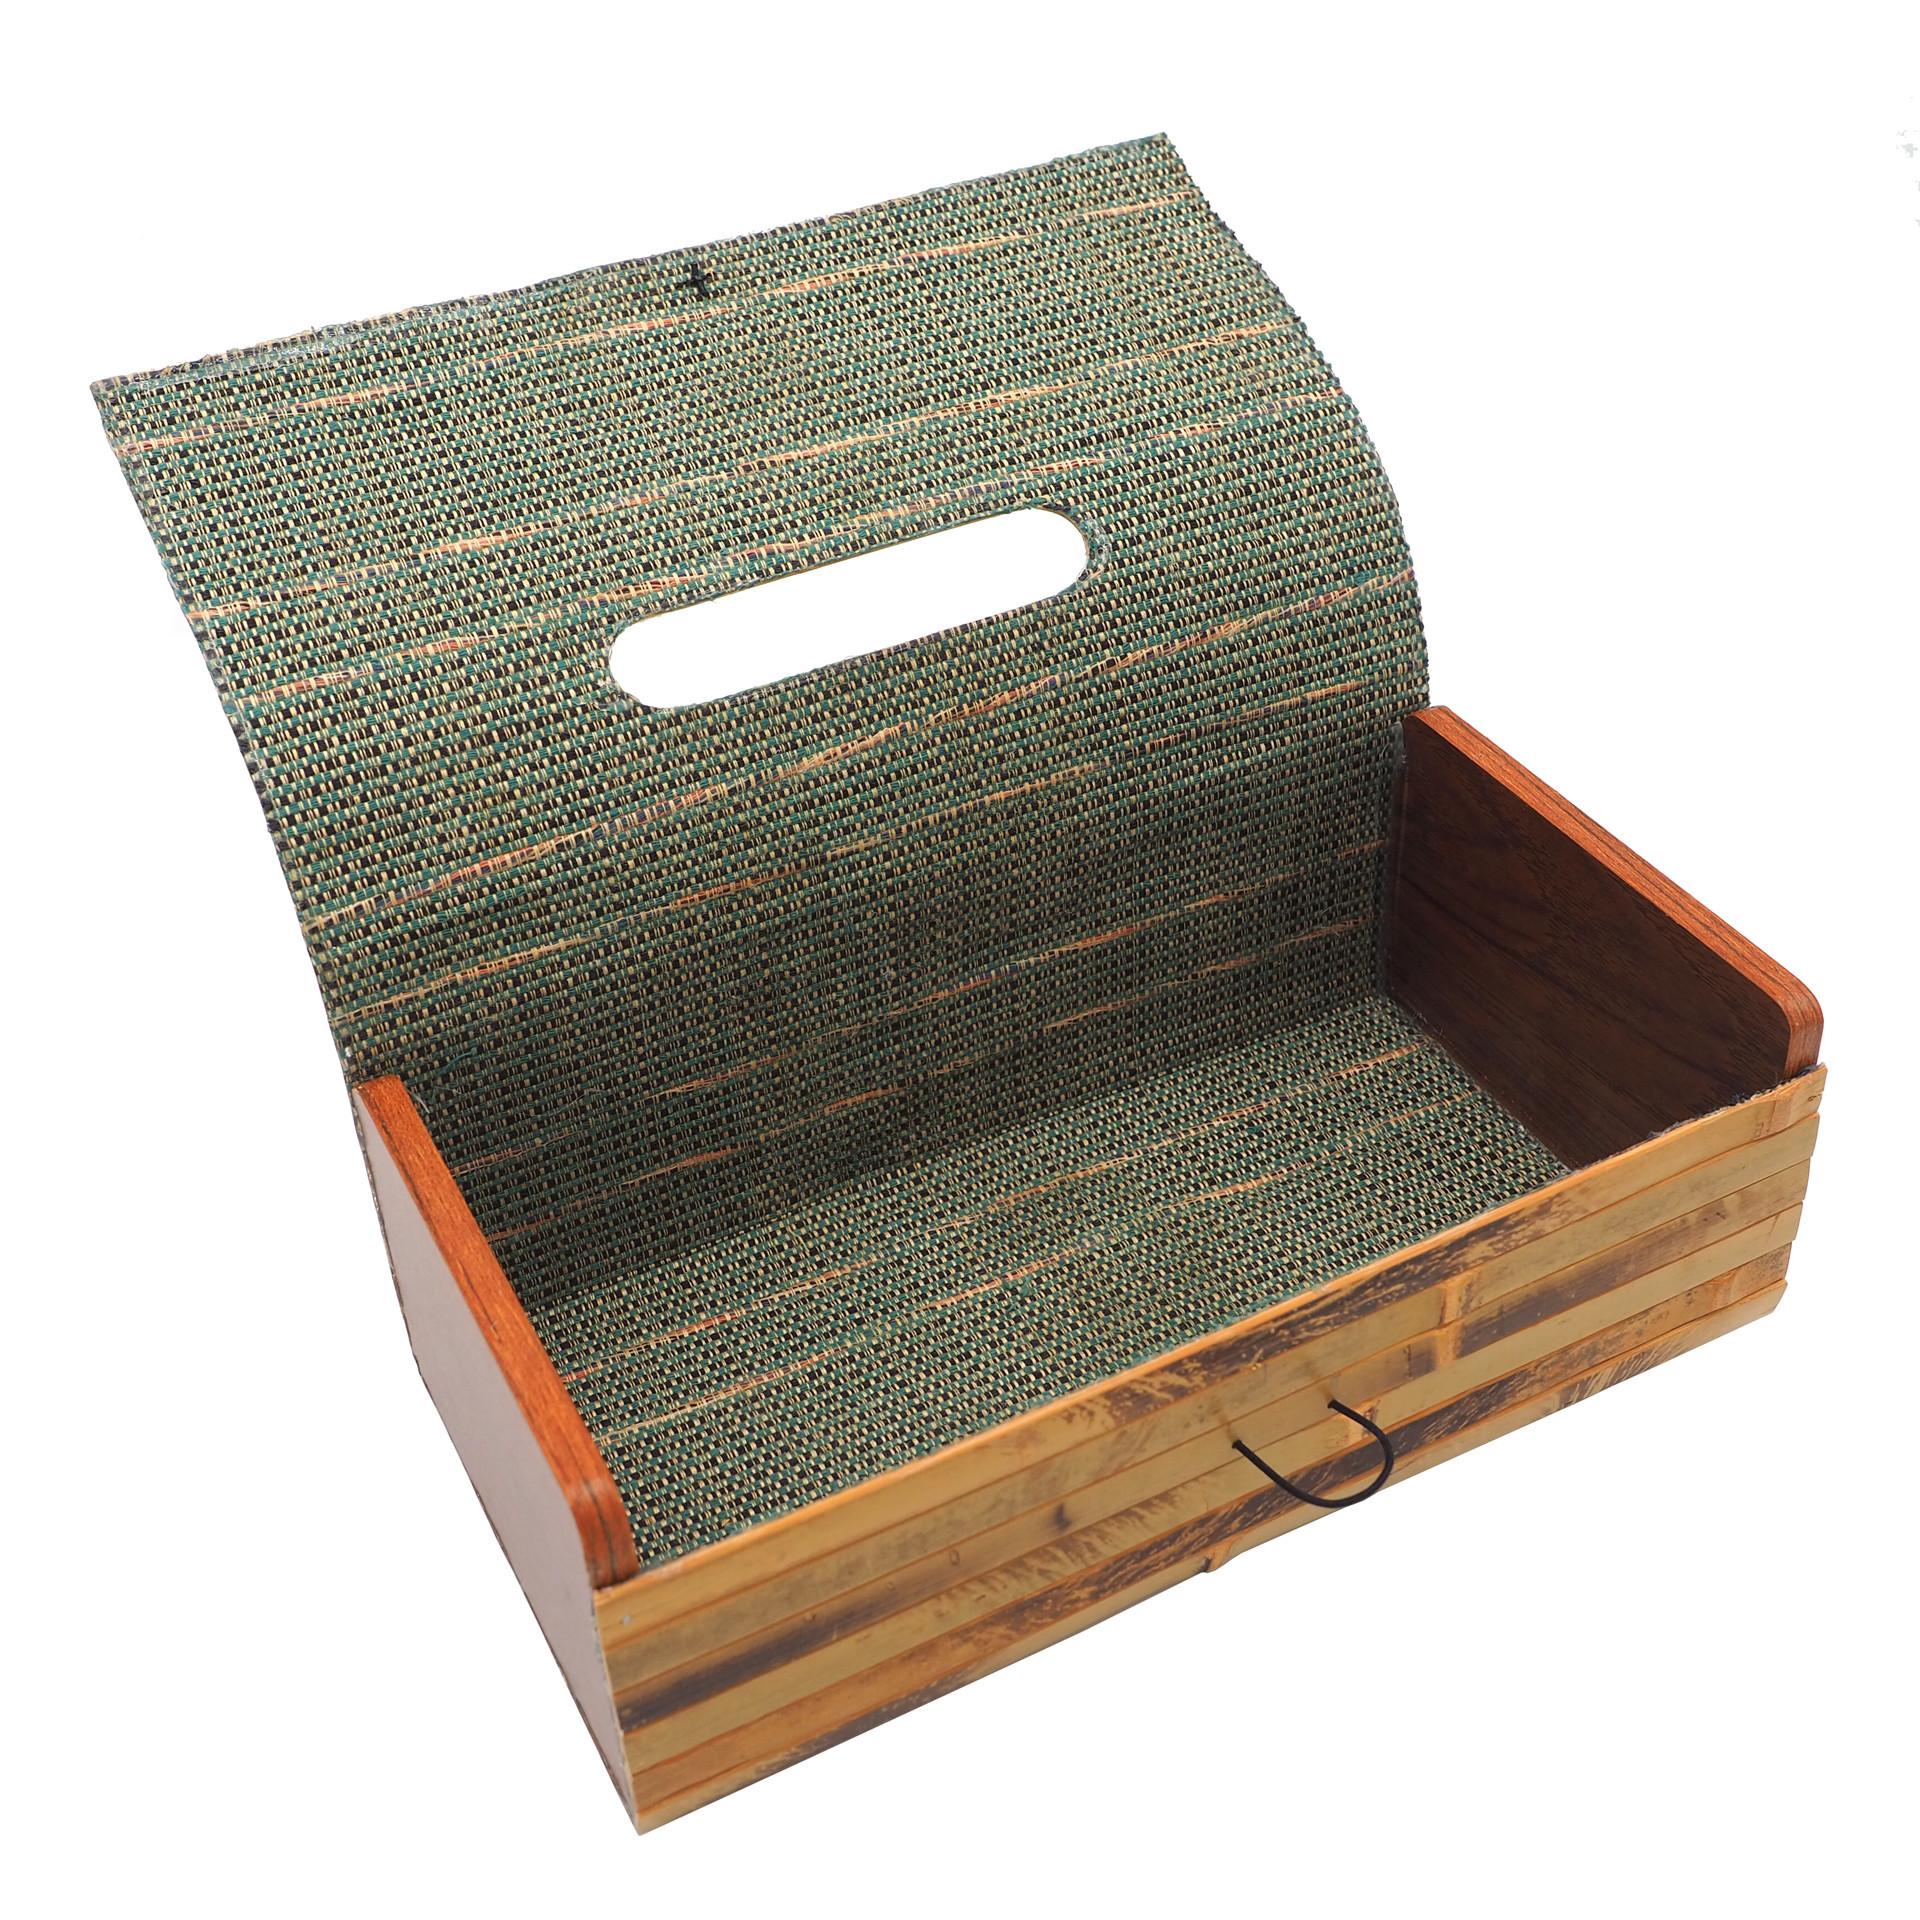 Bild von Kosmetiktücherbox aus Bambus, Tissue Box Cover, Boutique-Behälter